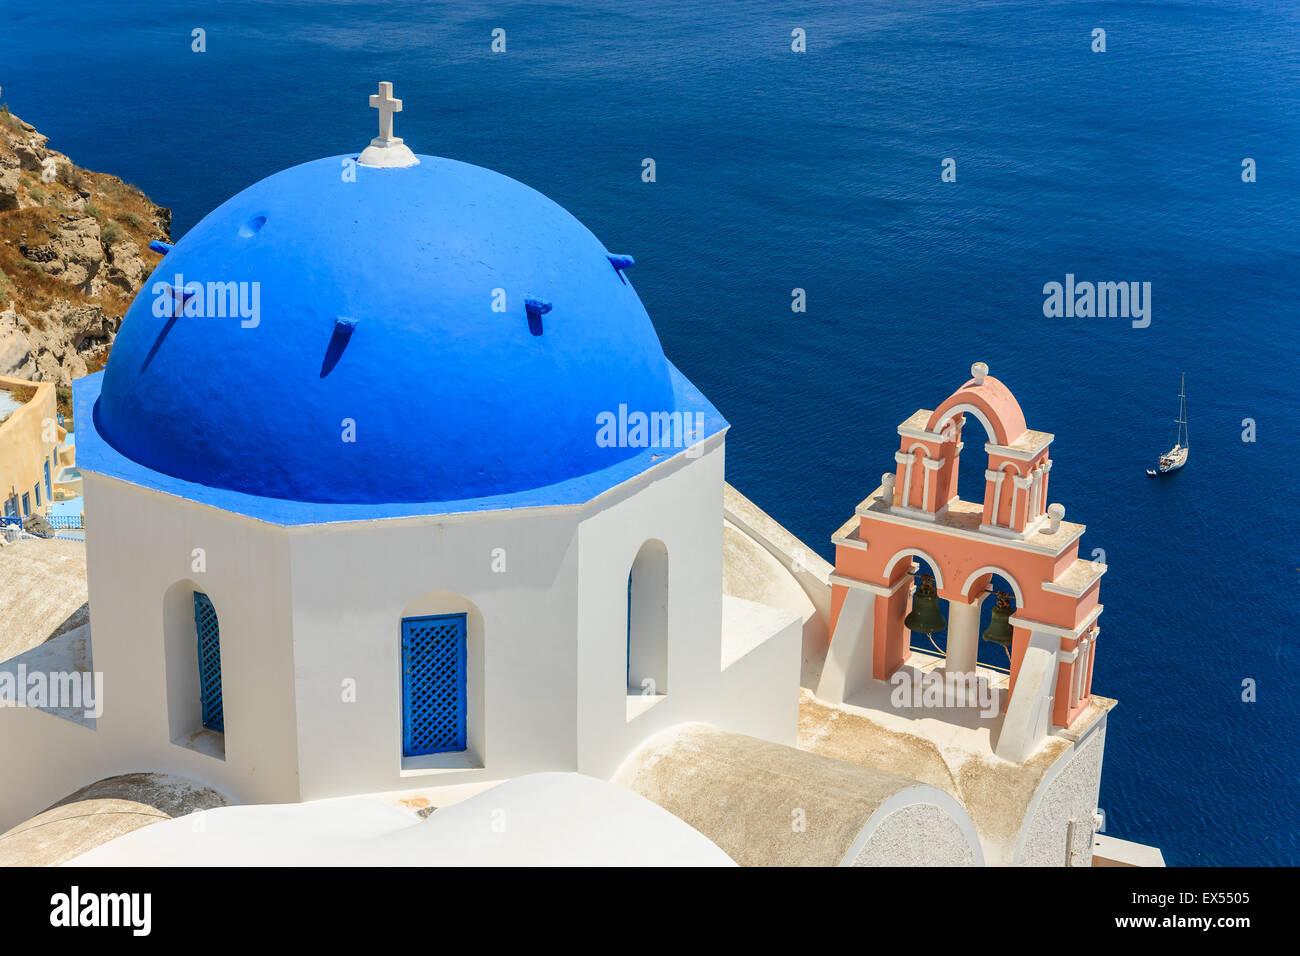 Greco tradizionale architettura Cicladi stile in Oia, una piccola città sulla punta nord di Santorini, Grecia Immagini Stock